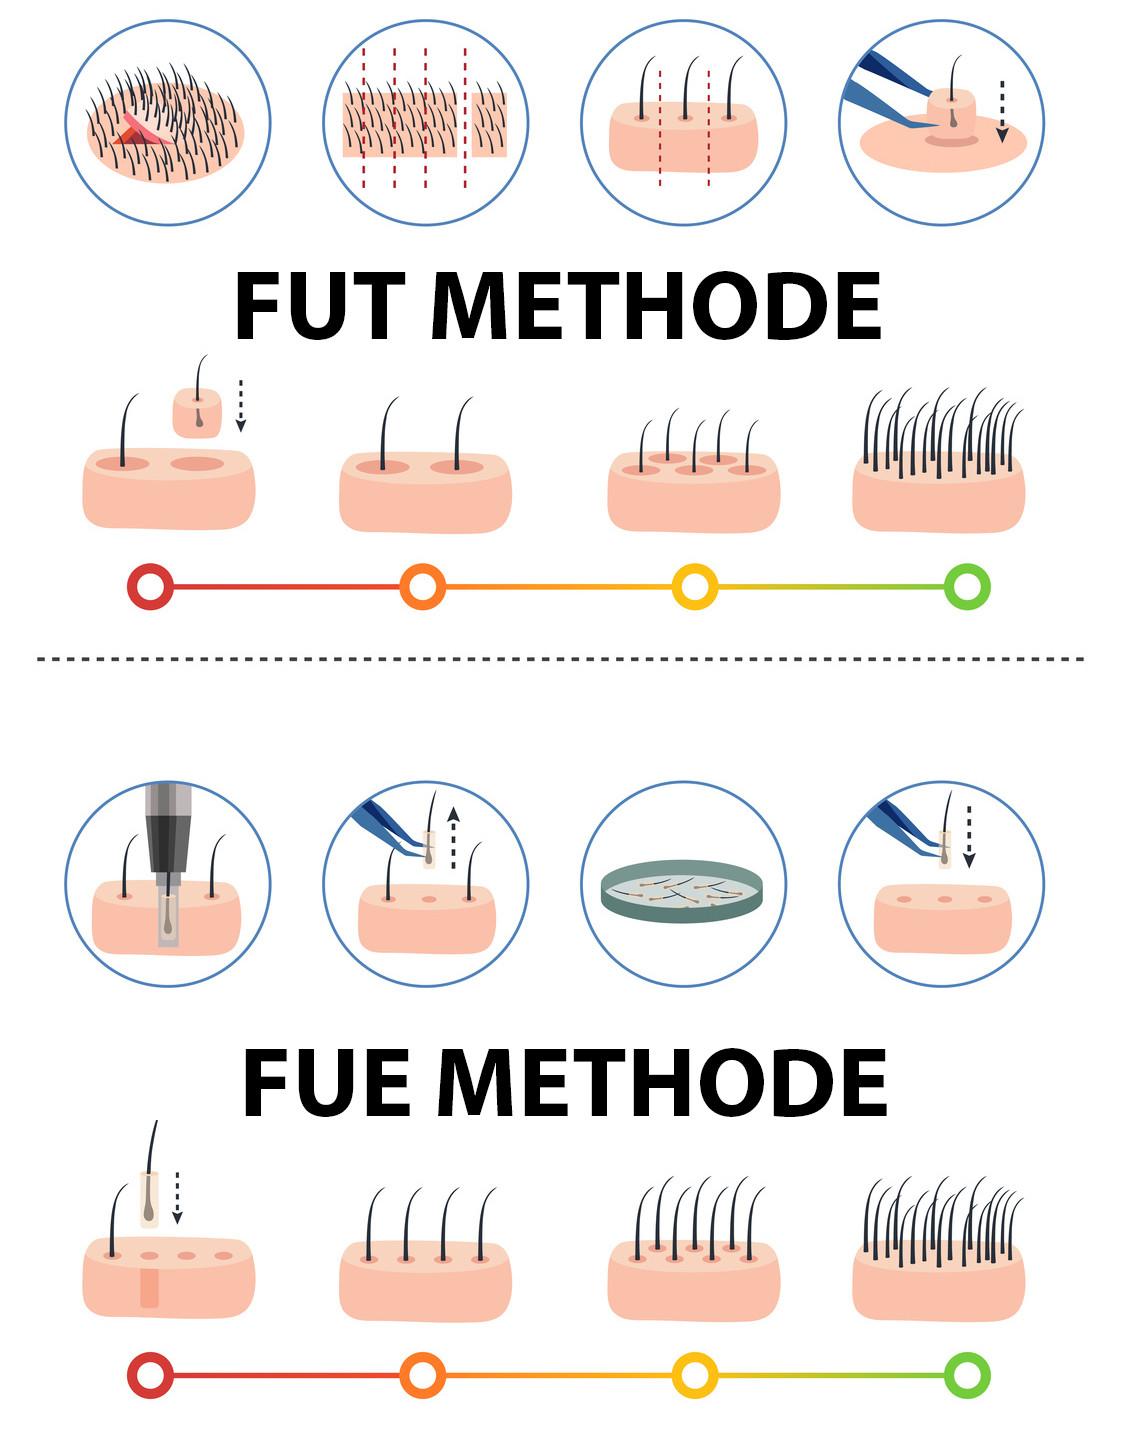 FUT-Methode-FUE-Methode